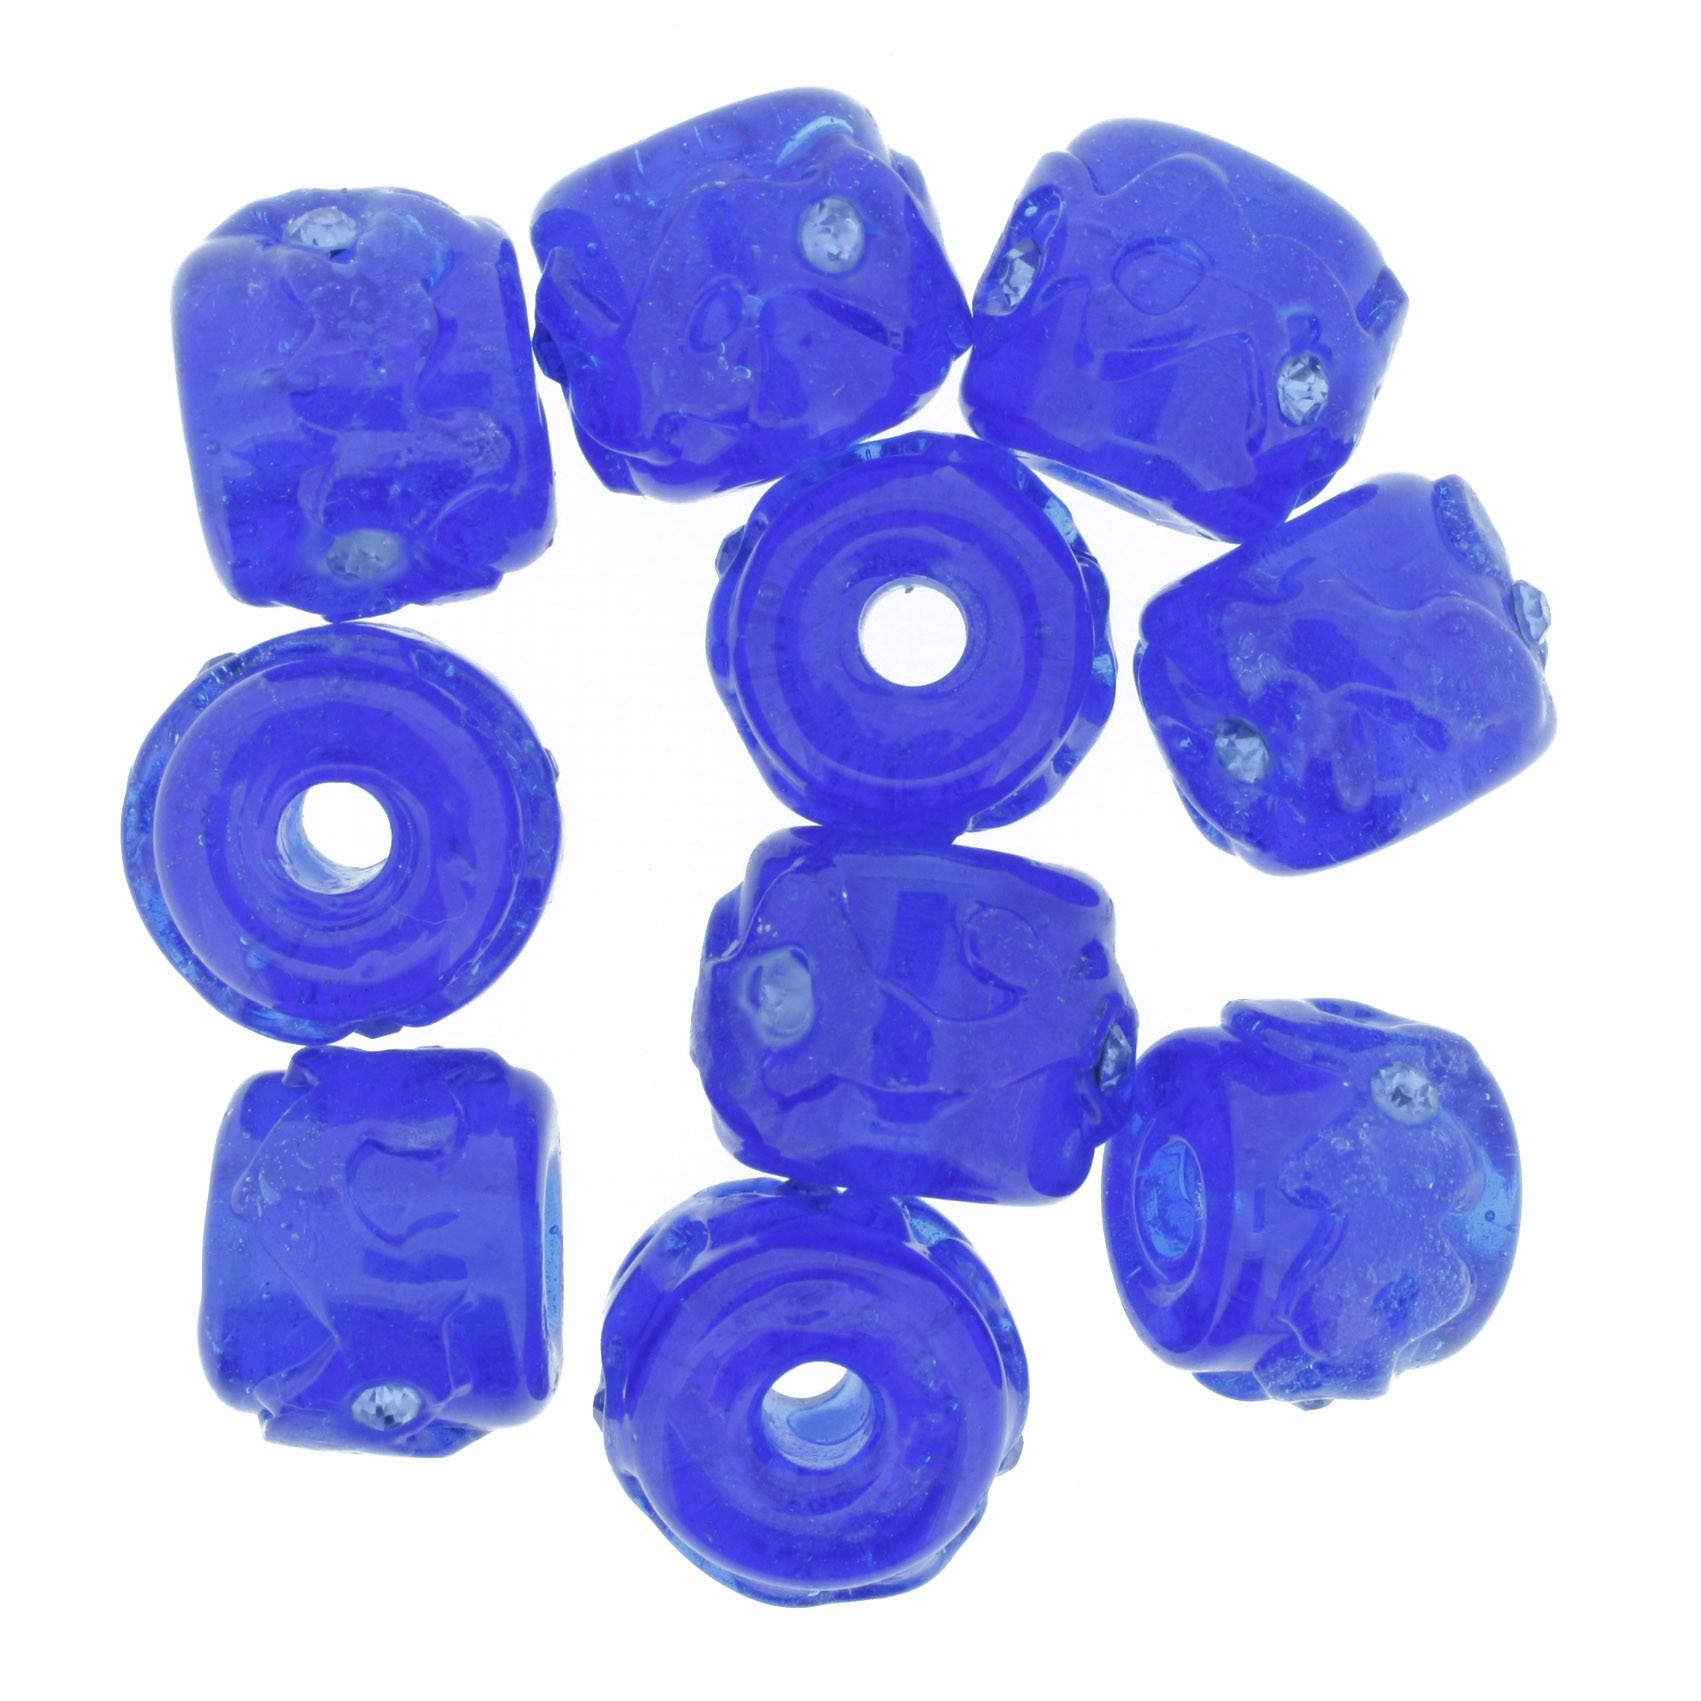 Firmas Strass - Azul Transparente  - Stéphanie Bijoux® - Peças para Bijuterias e Artesanato